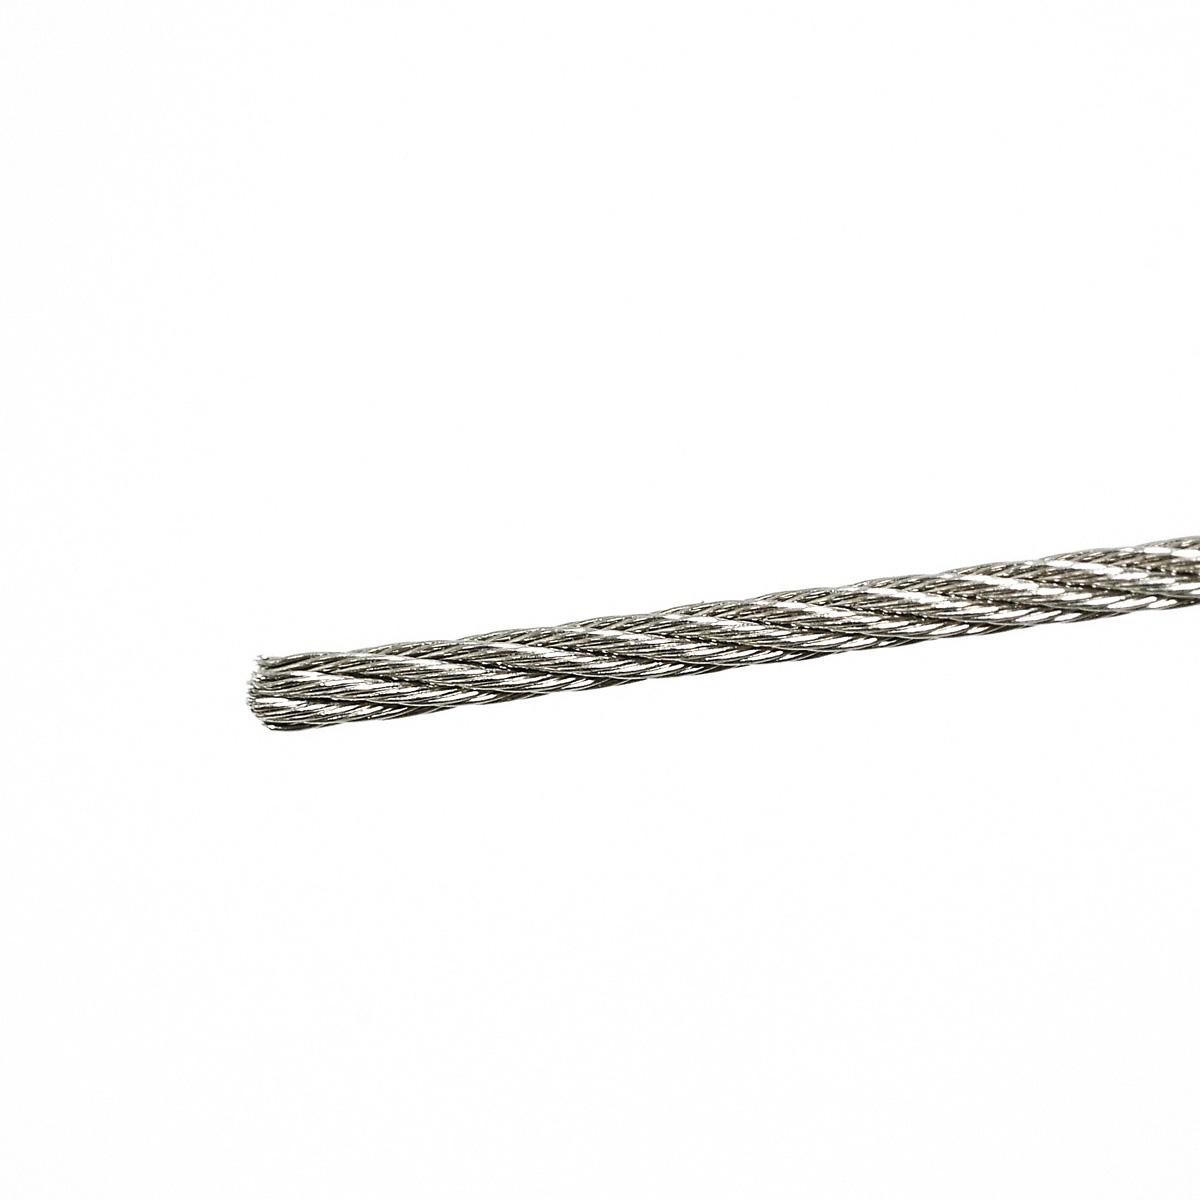 〈トリカットワイヤー SUS316 0.81〉SUS316 φ0.81/7×7縒線